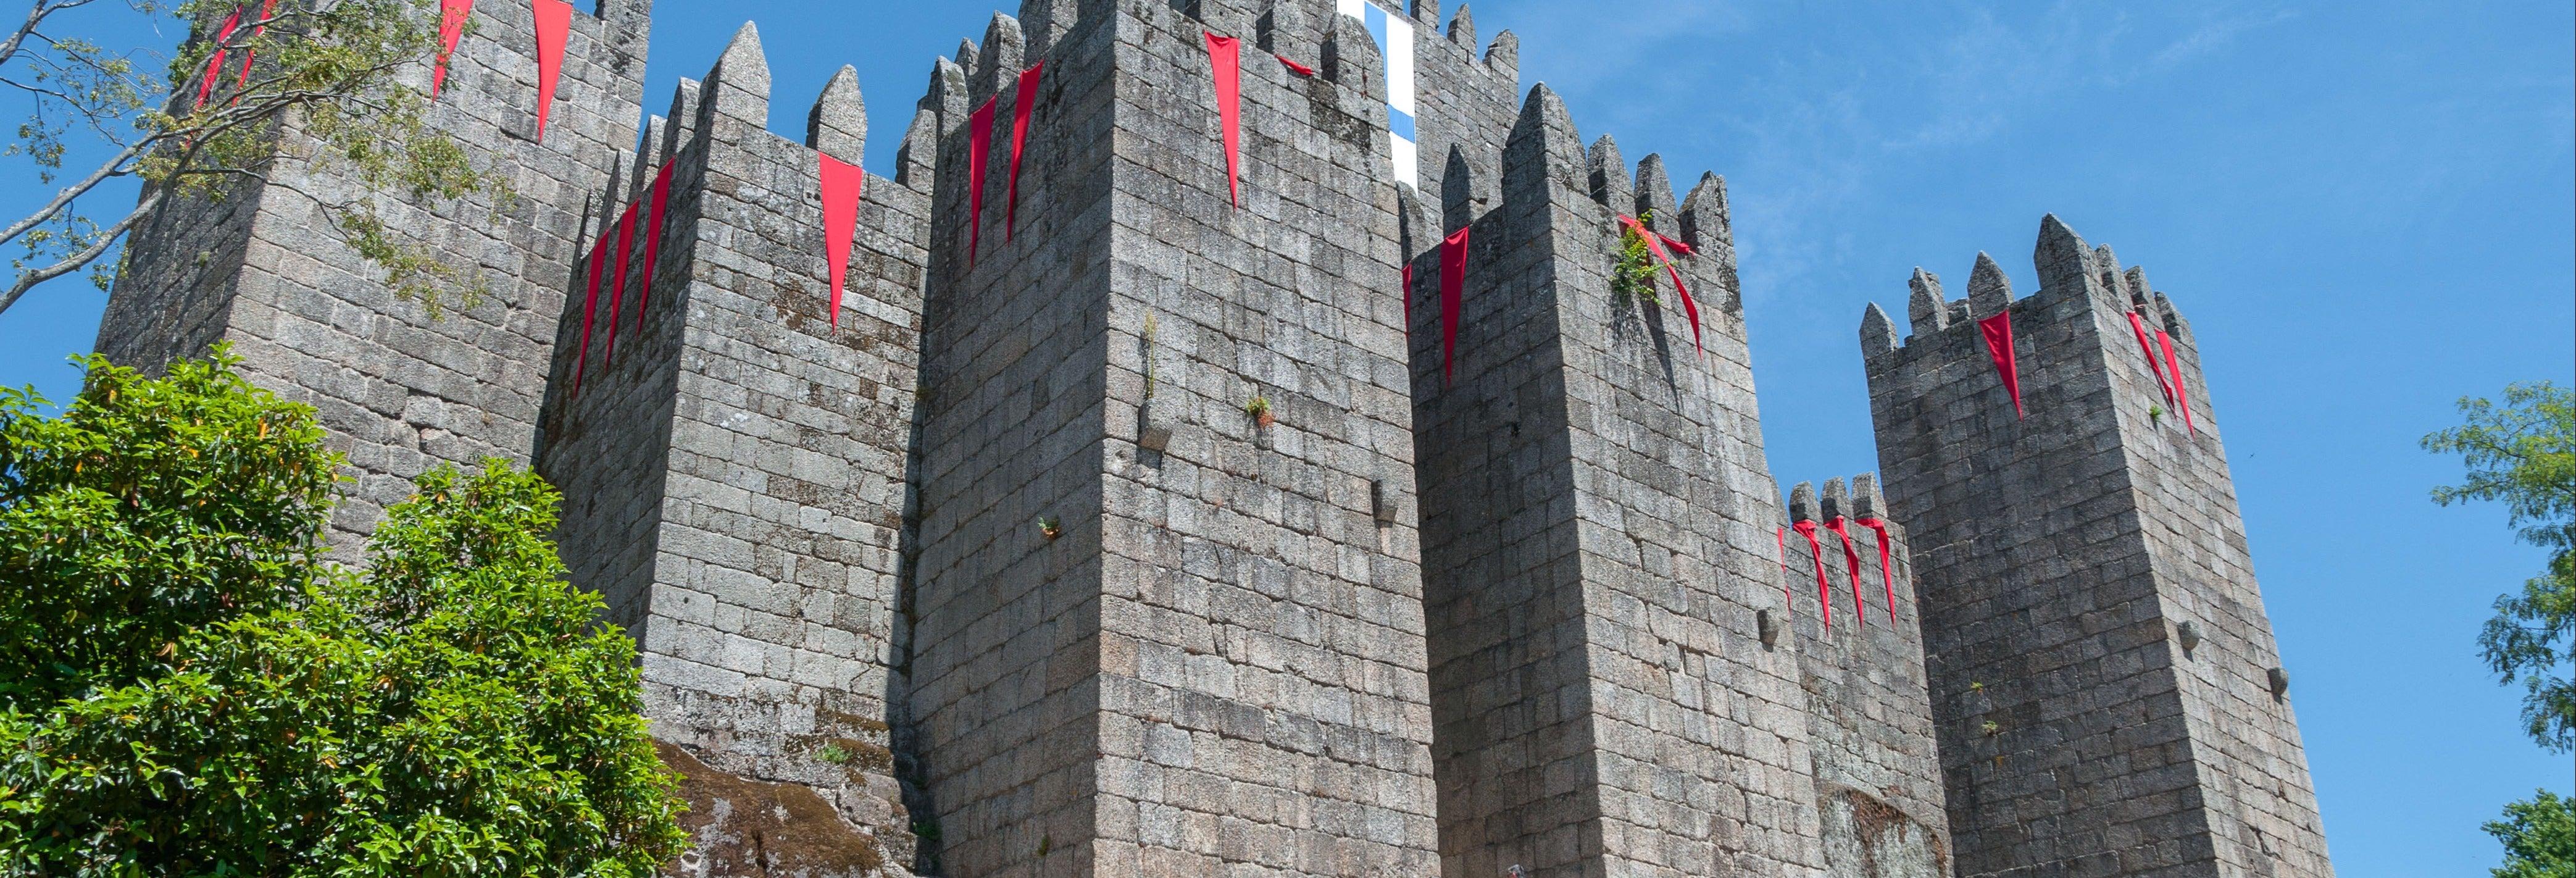 Guimaraes Tour + São Miguel Castle